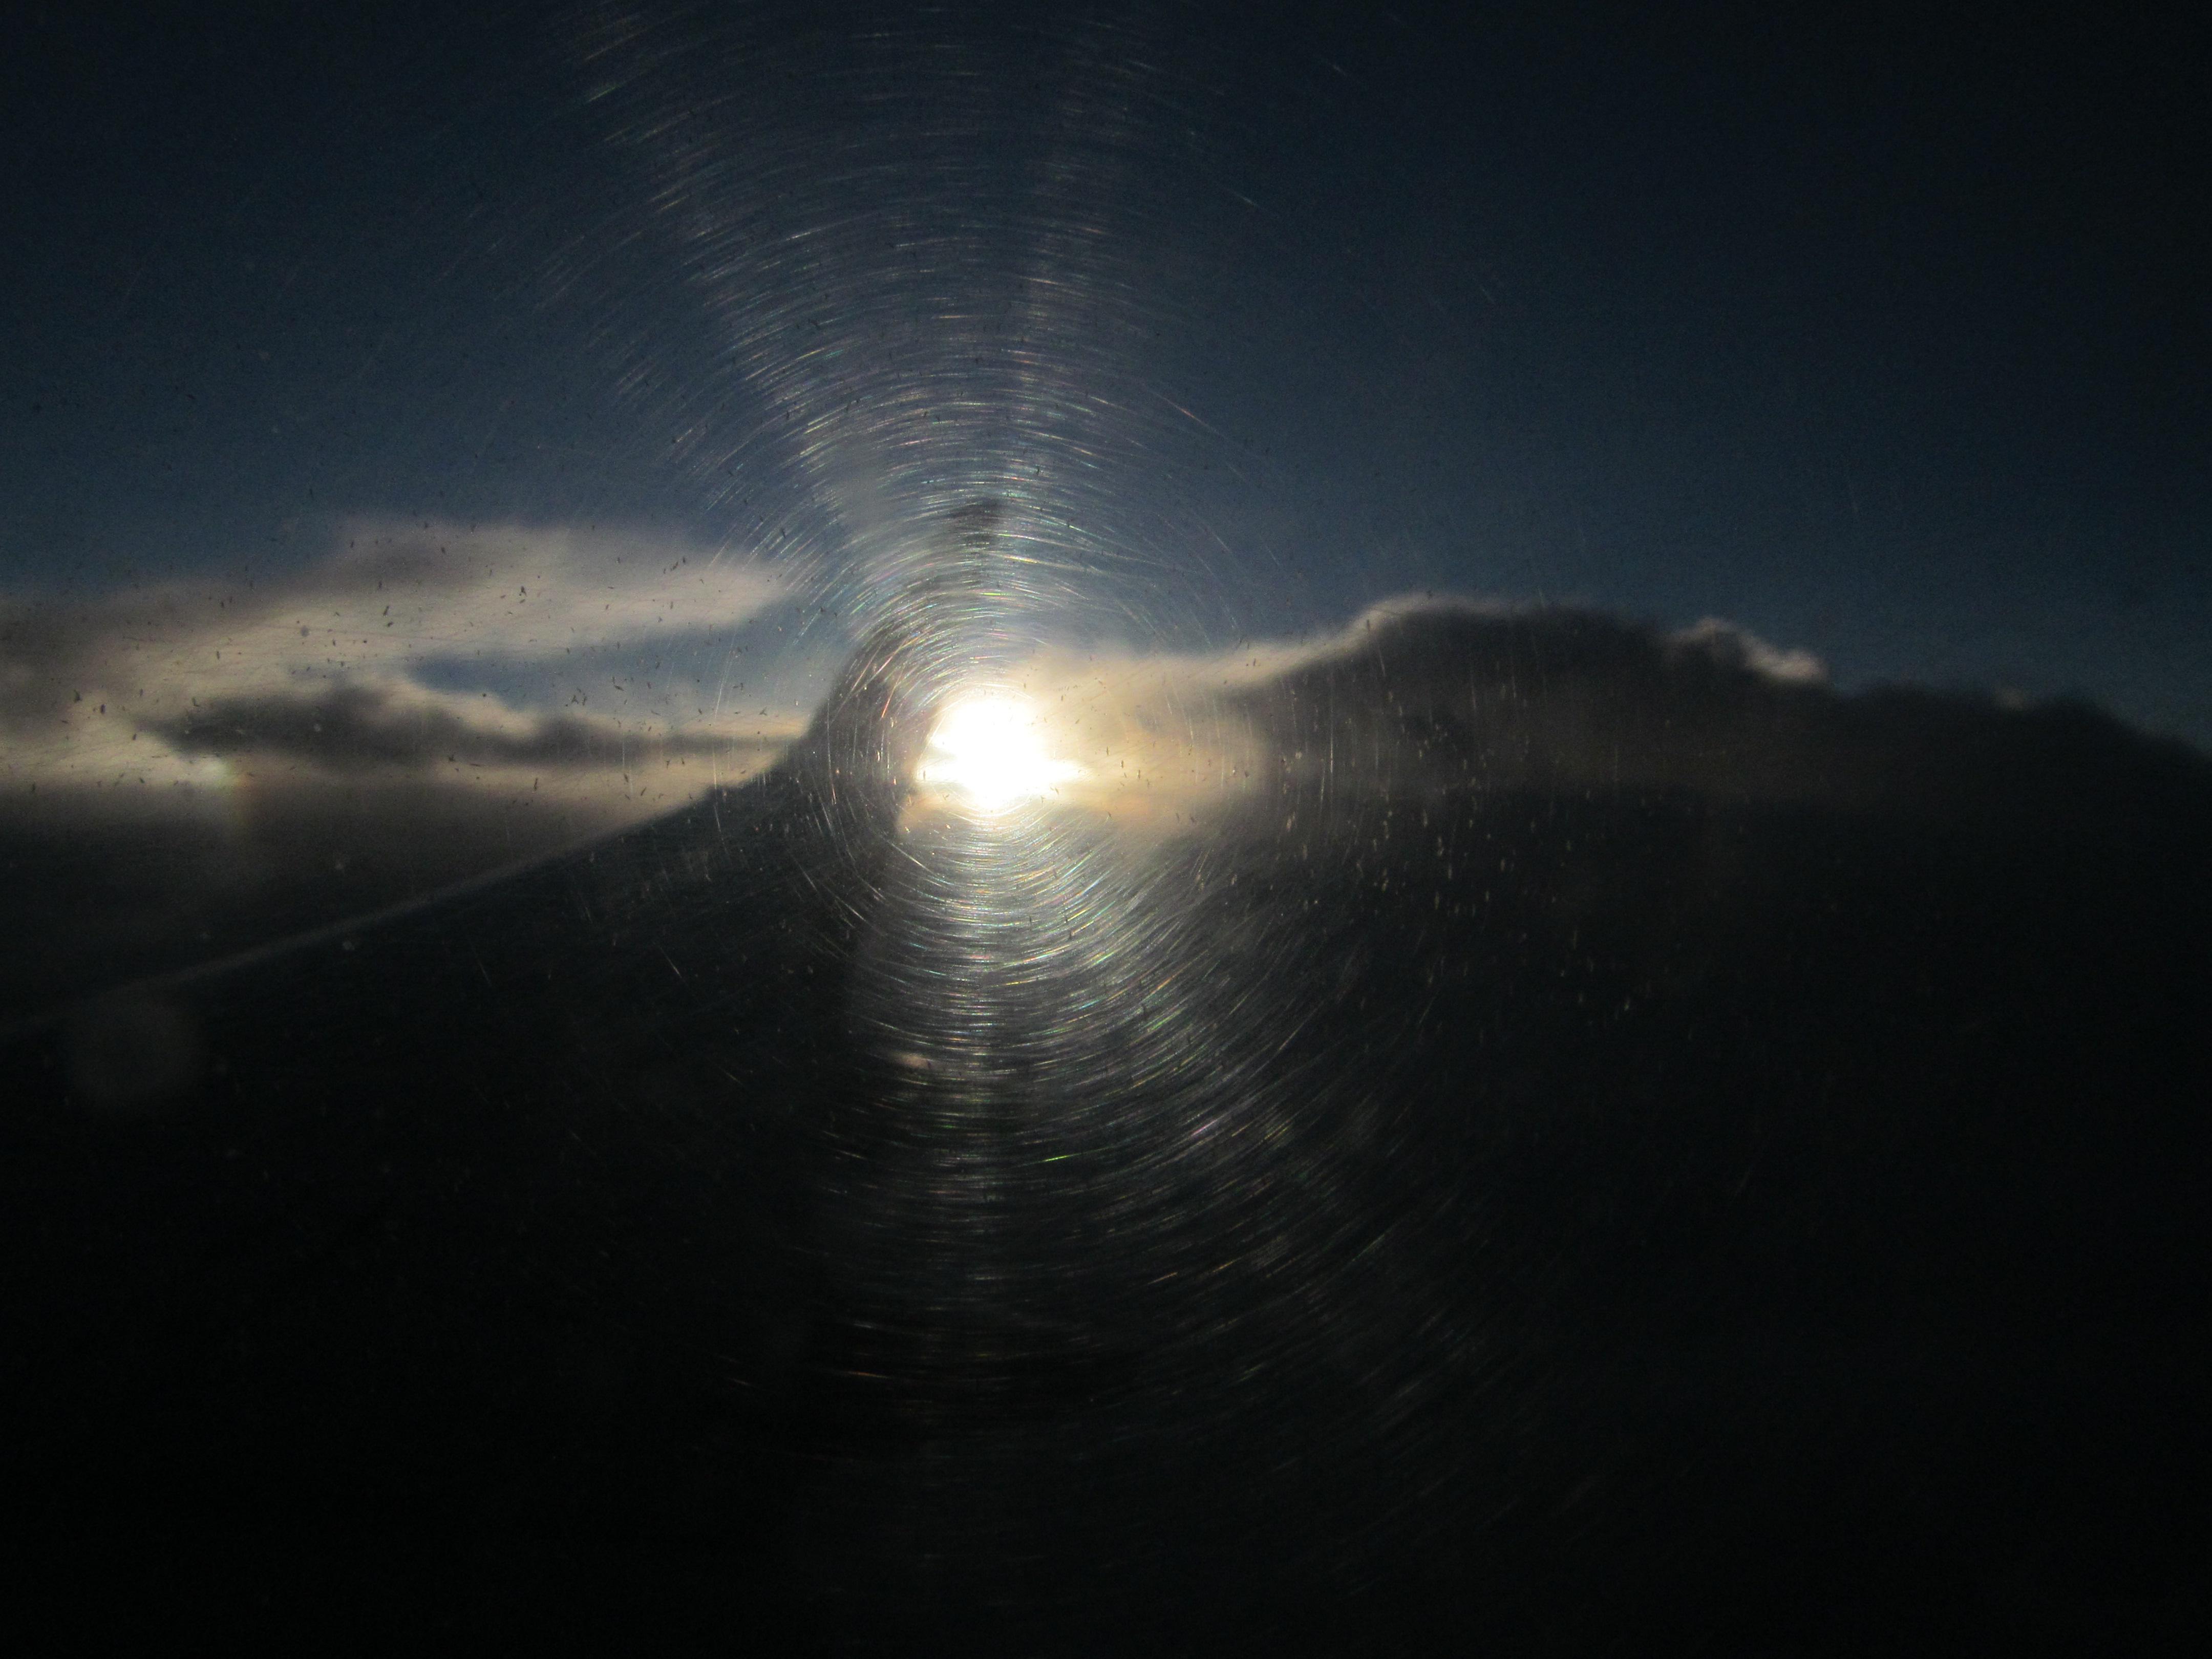 飞机飞过贵阳的天空 - 夏晟齐 - 网易云音乐